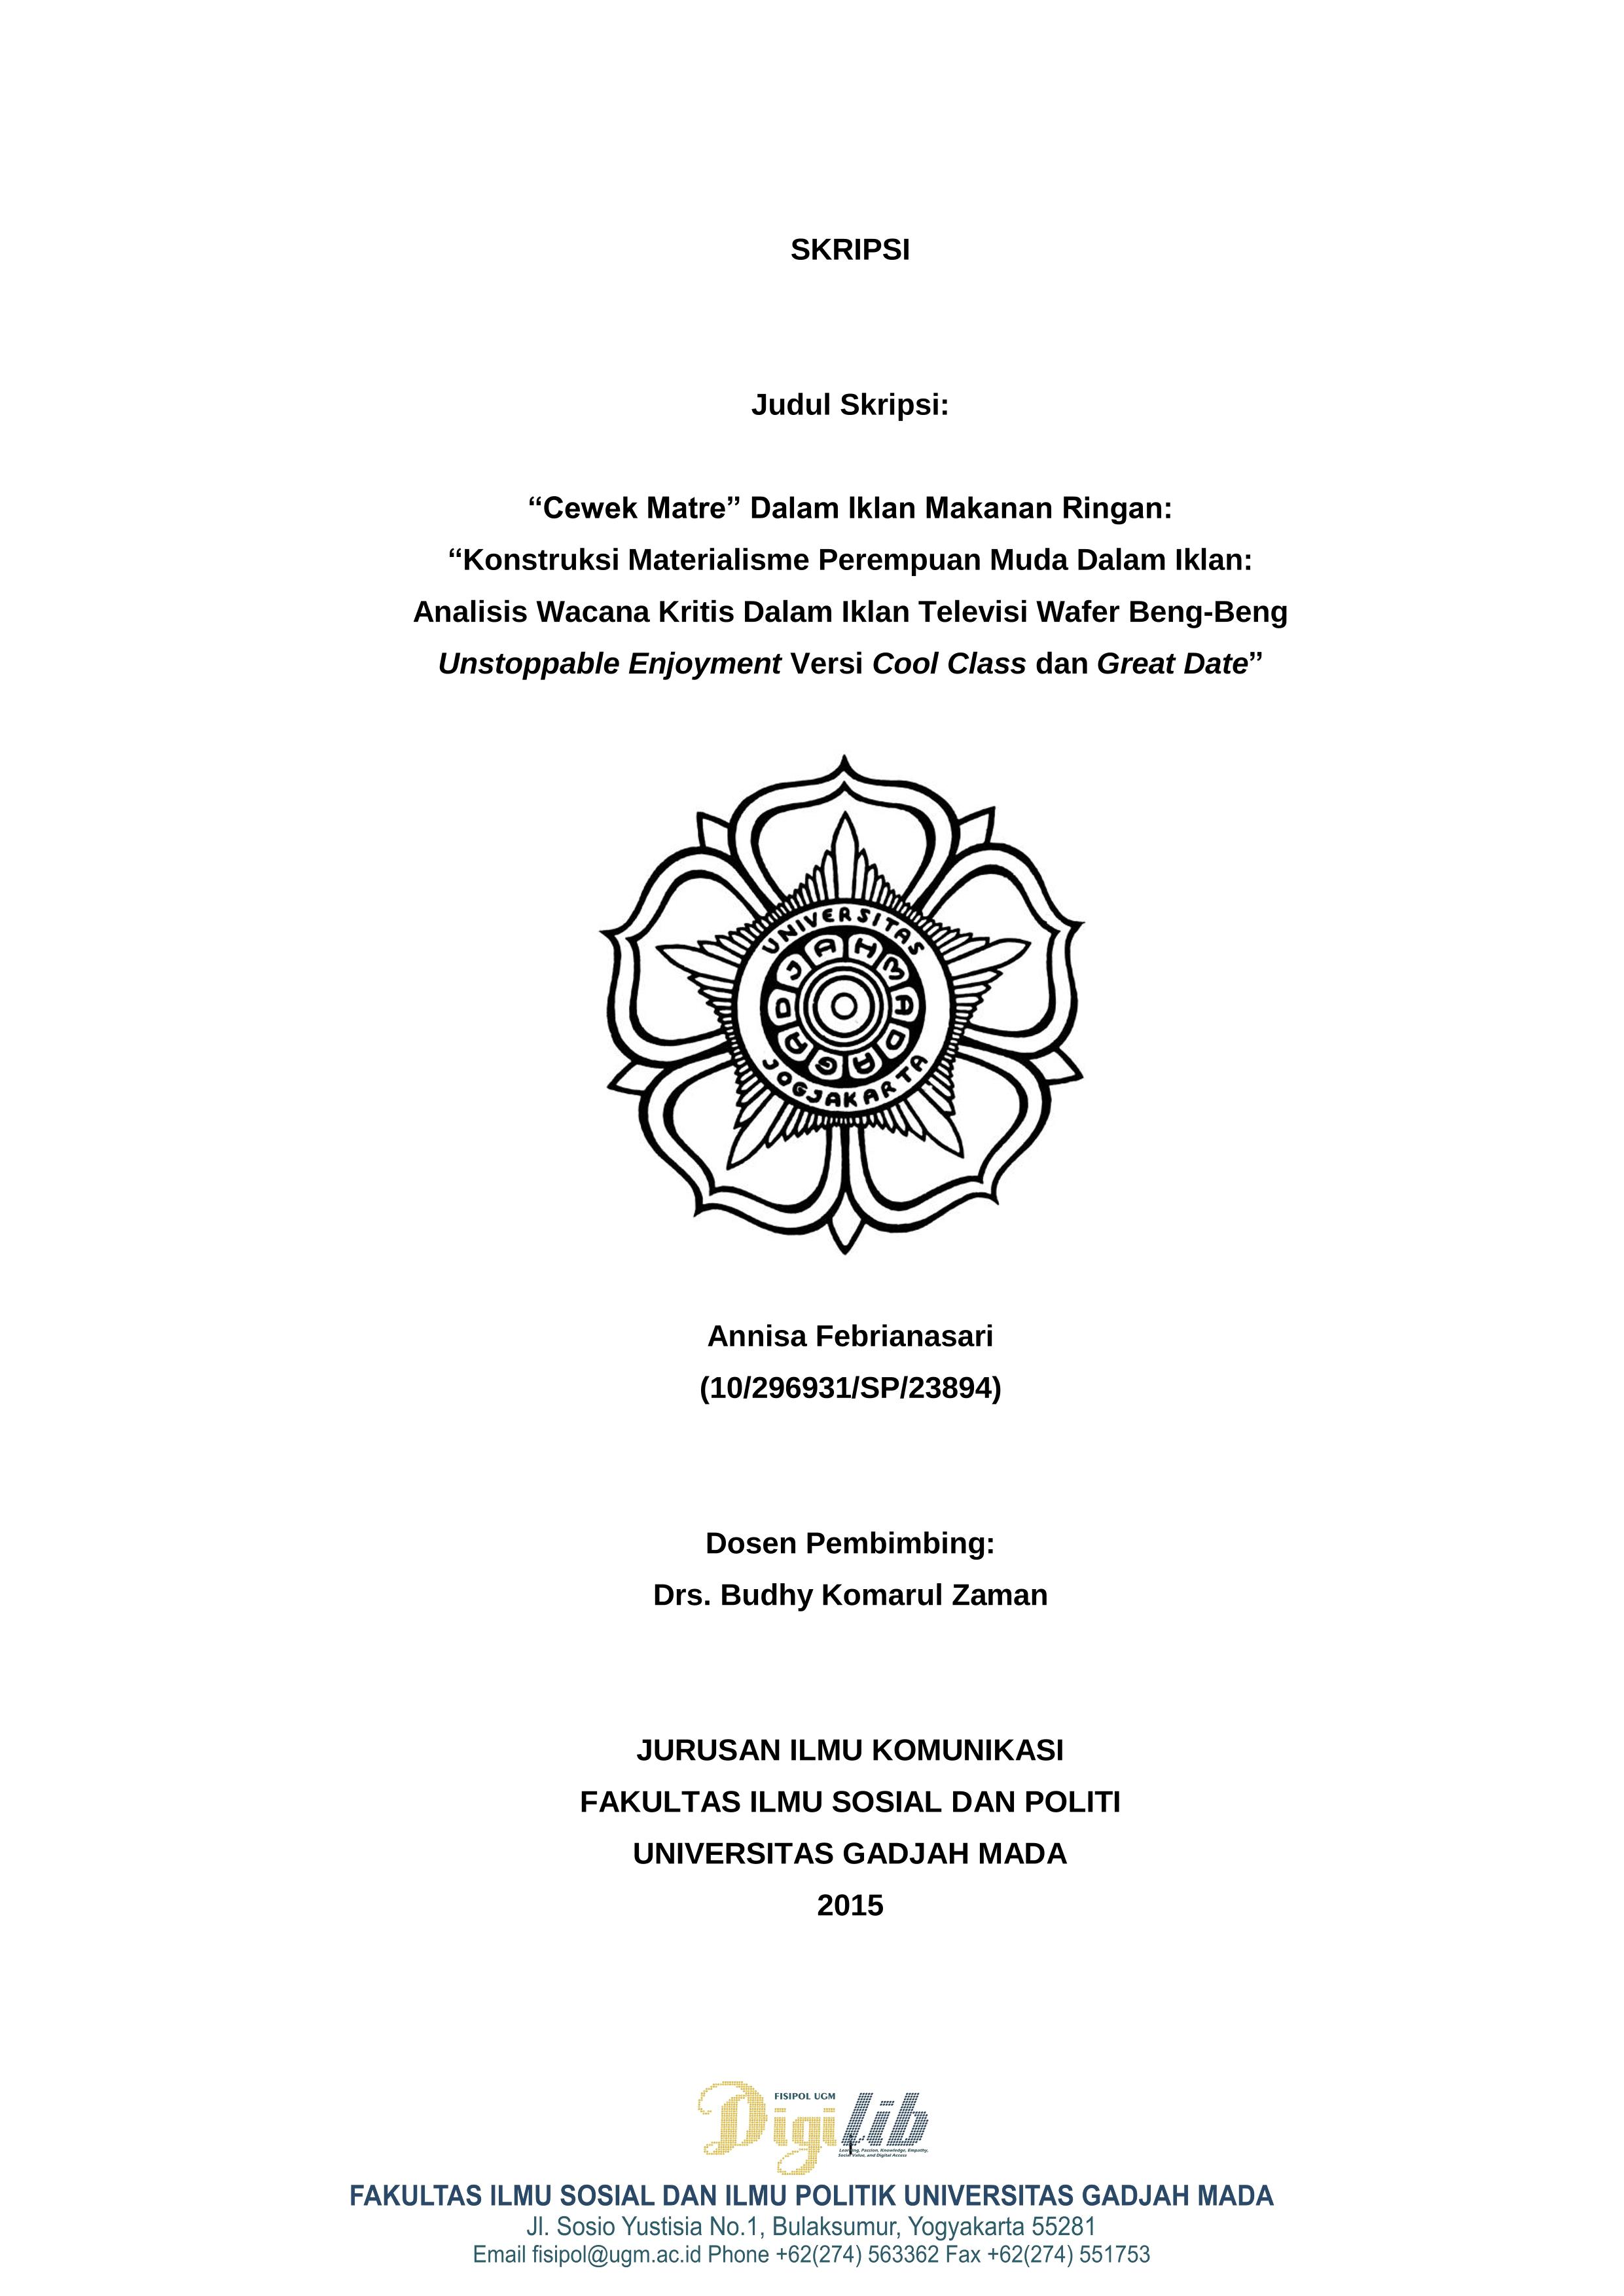 Digilib Fisipol Ugm Yogyakarta Indonesia Learning Passion Knowledge Empathy Social Value And Digital Access Cewek Matre Dalam Iklan Makanan Ringan Konstruksi Materialisme Perempuan Muda Dalam Iklan Analisis Wacana Kritis Dalam Iklan Televisi